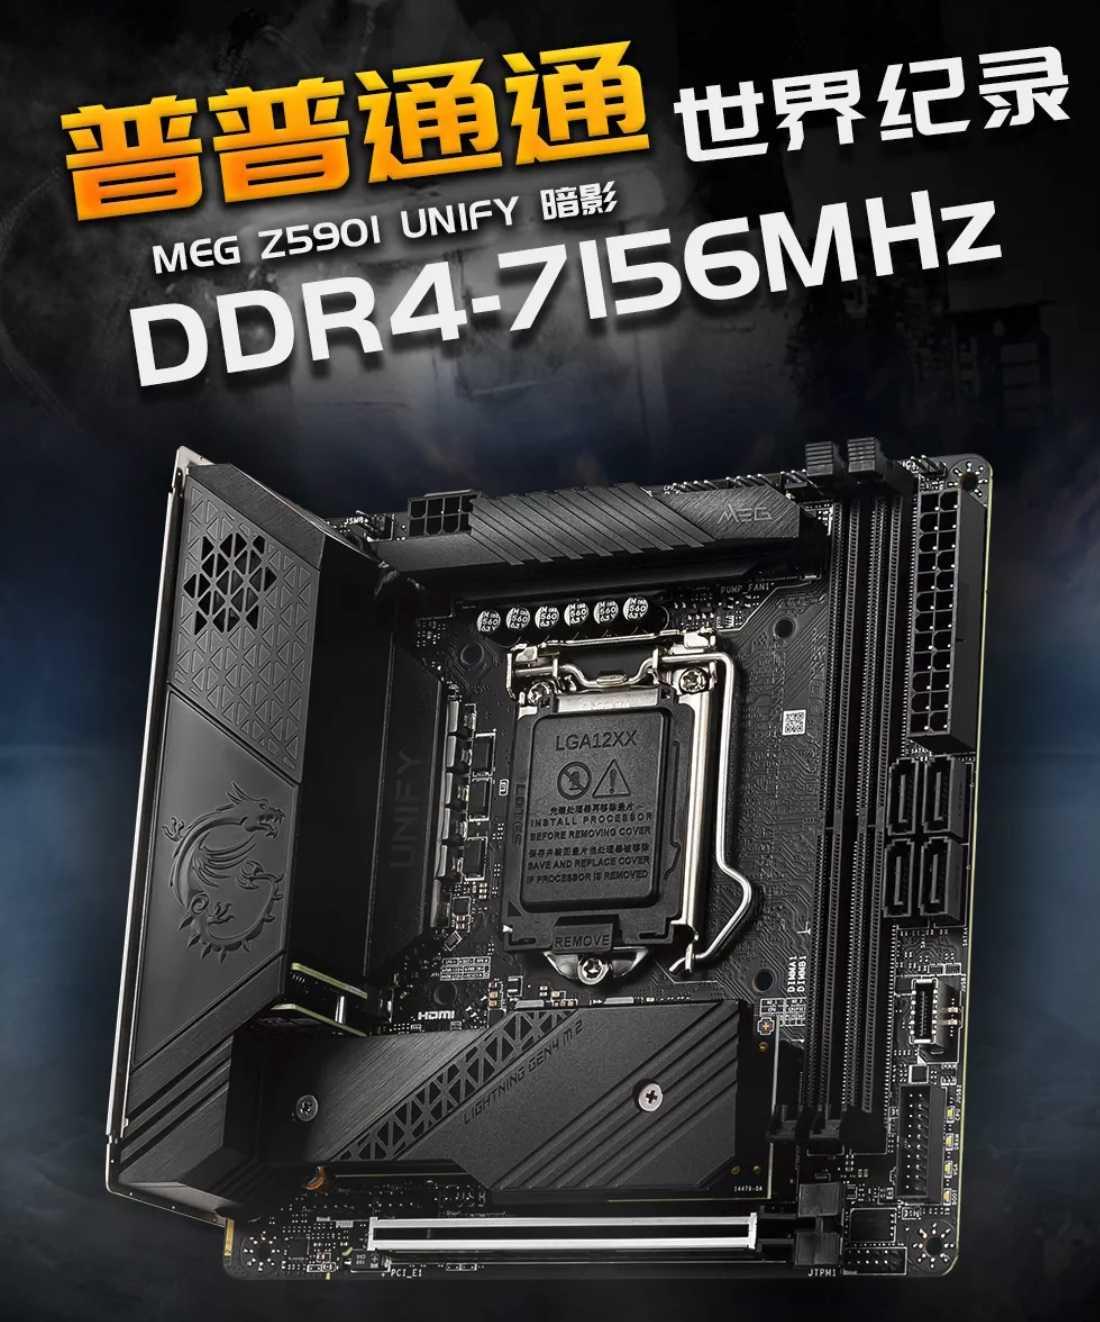 微星:Z590 主板 CPU / 内存超频双双破 7GHz